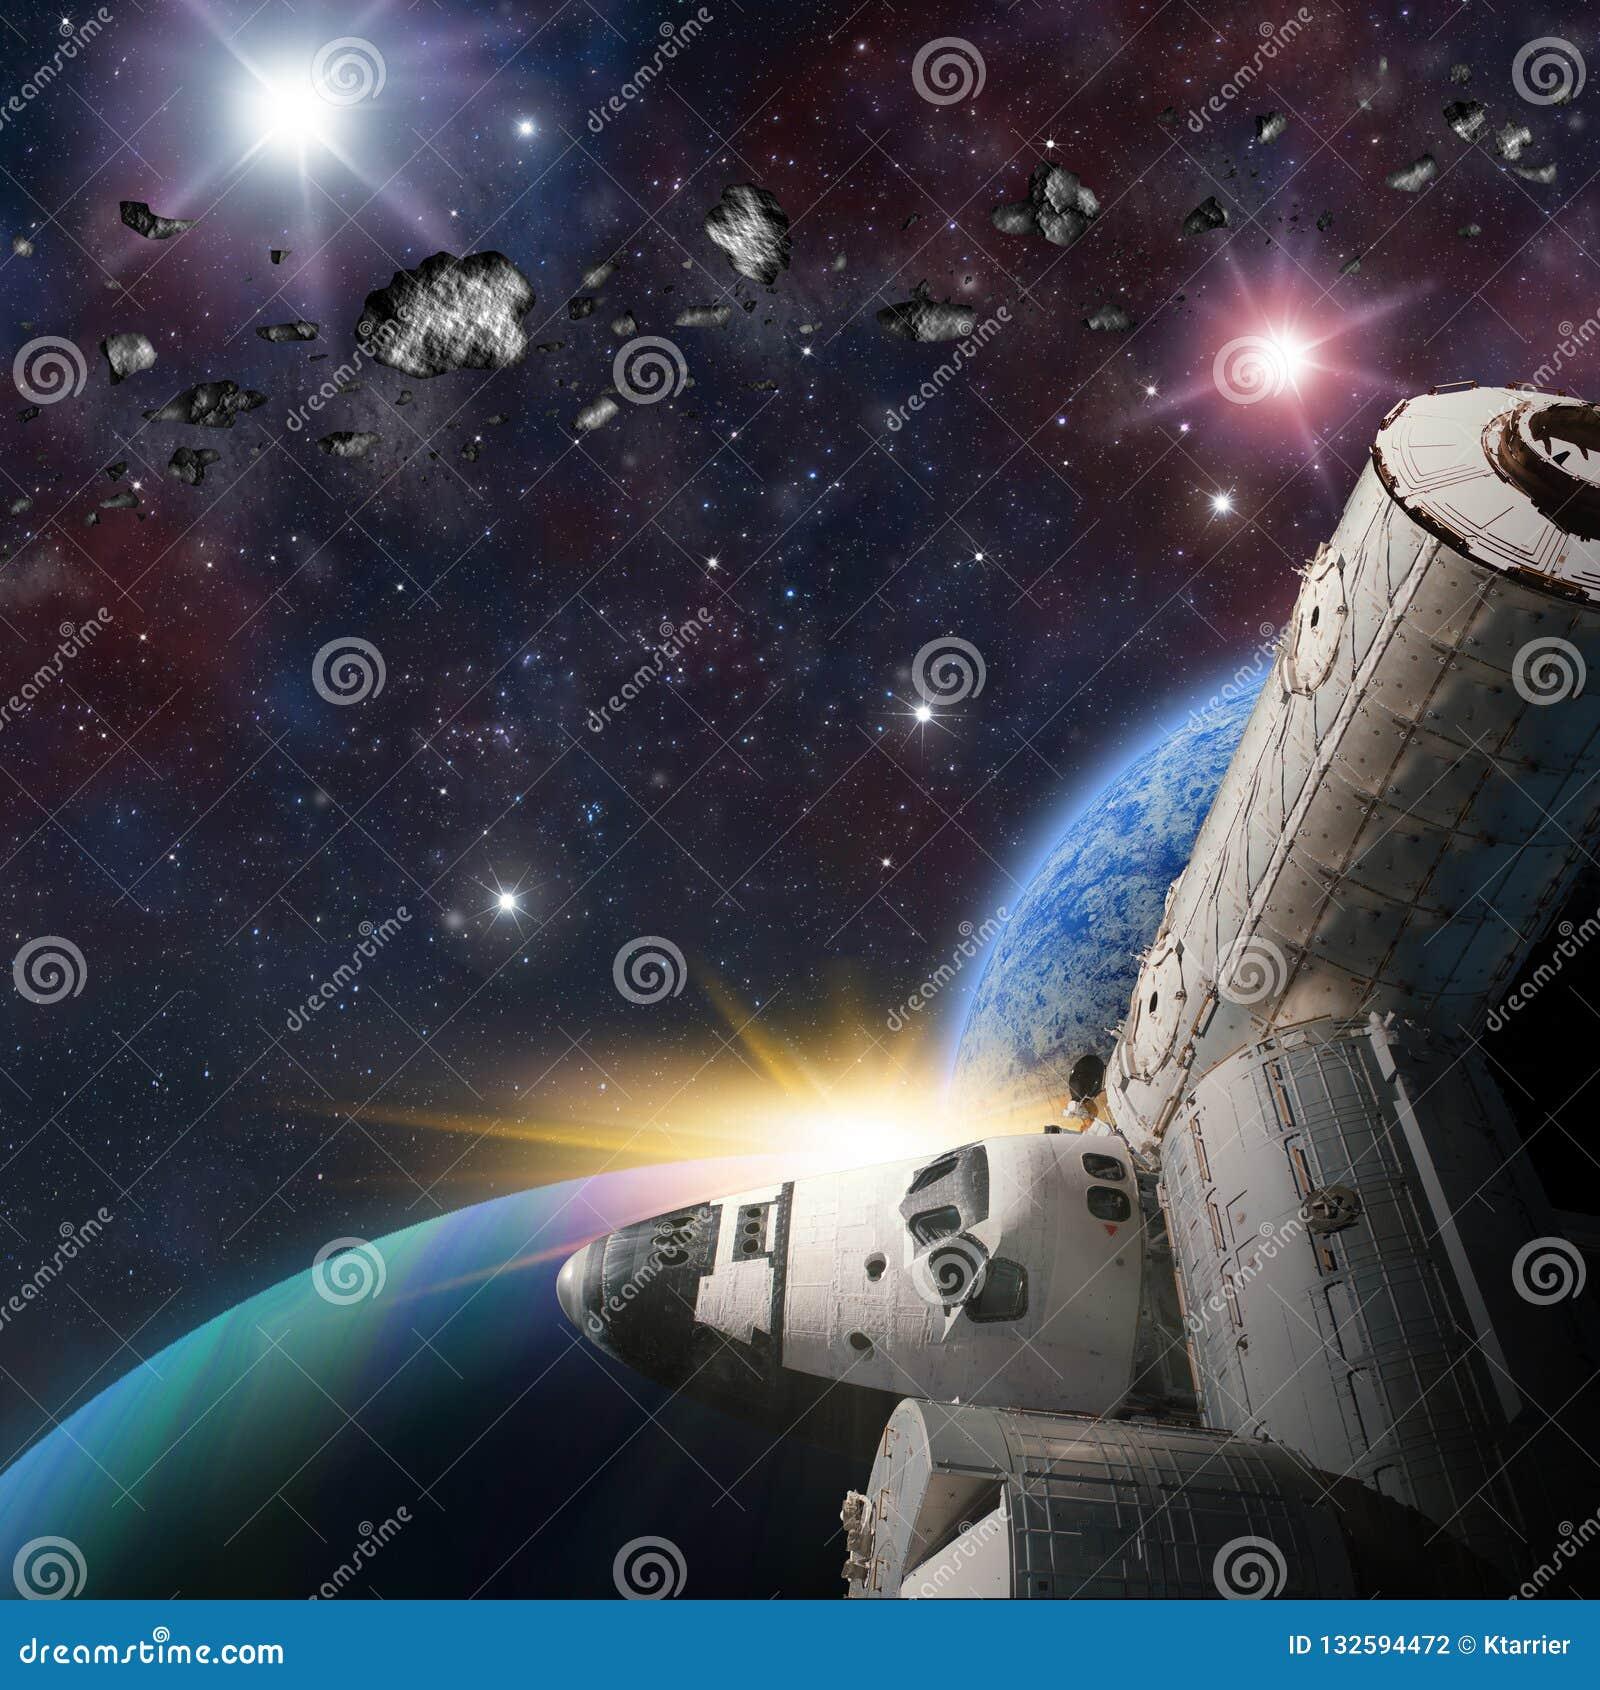 Fantasy scene of Shuttle- Space Station near alien planet